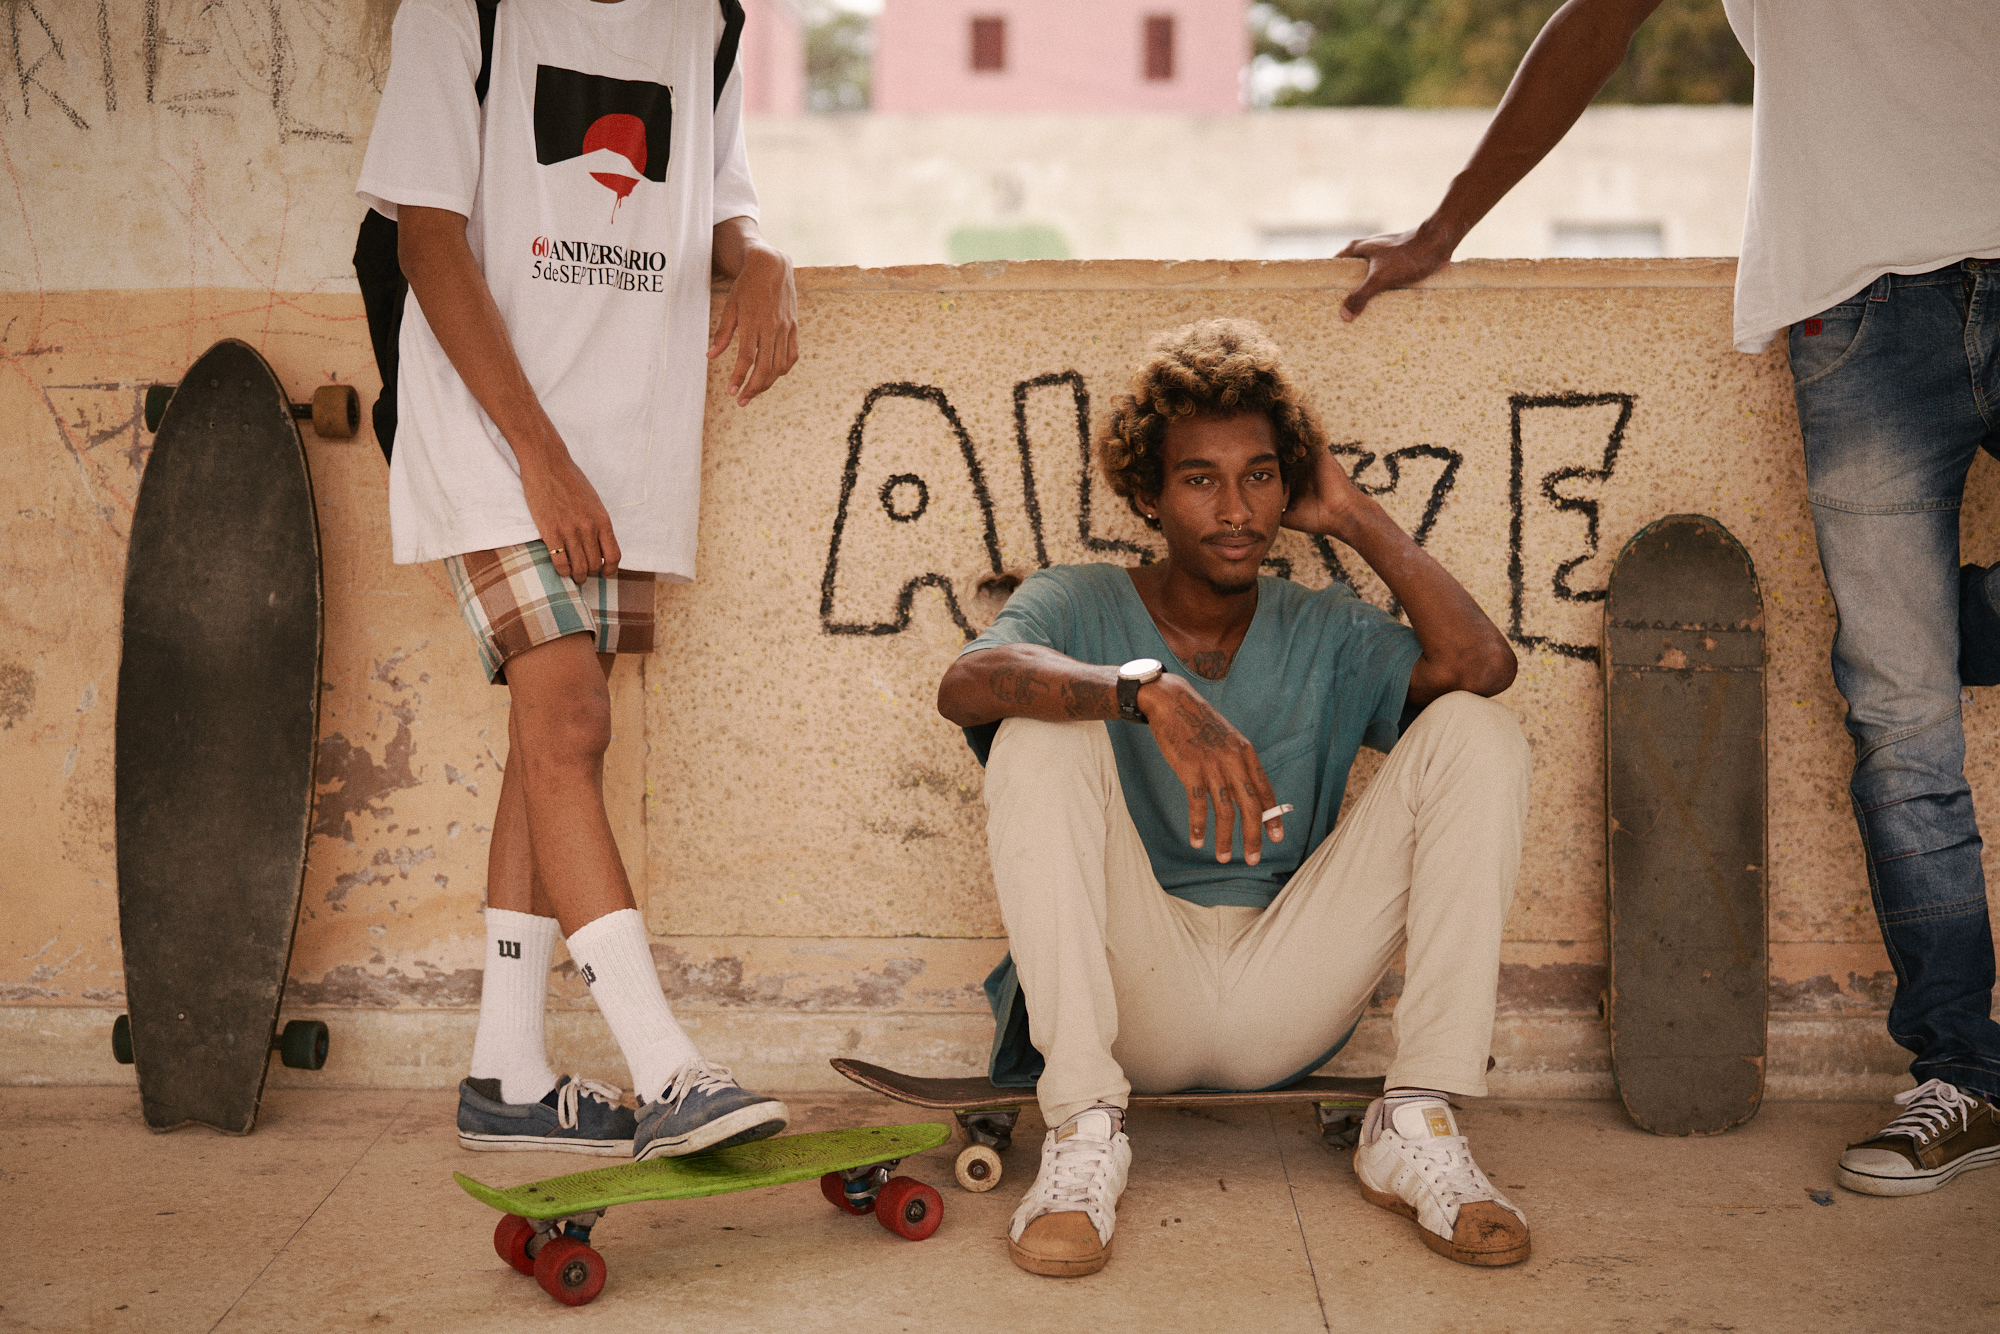 180309_CubaSkate_1273.jpg